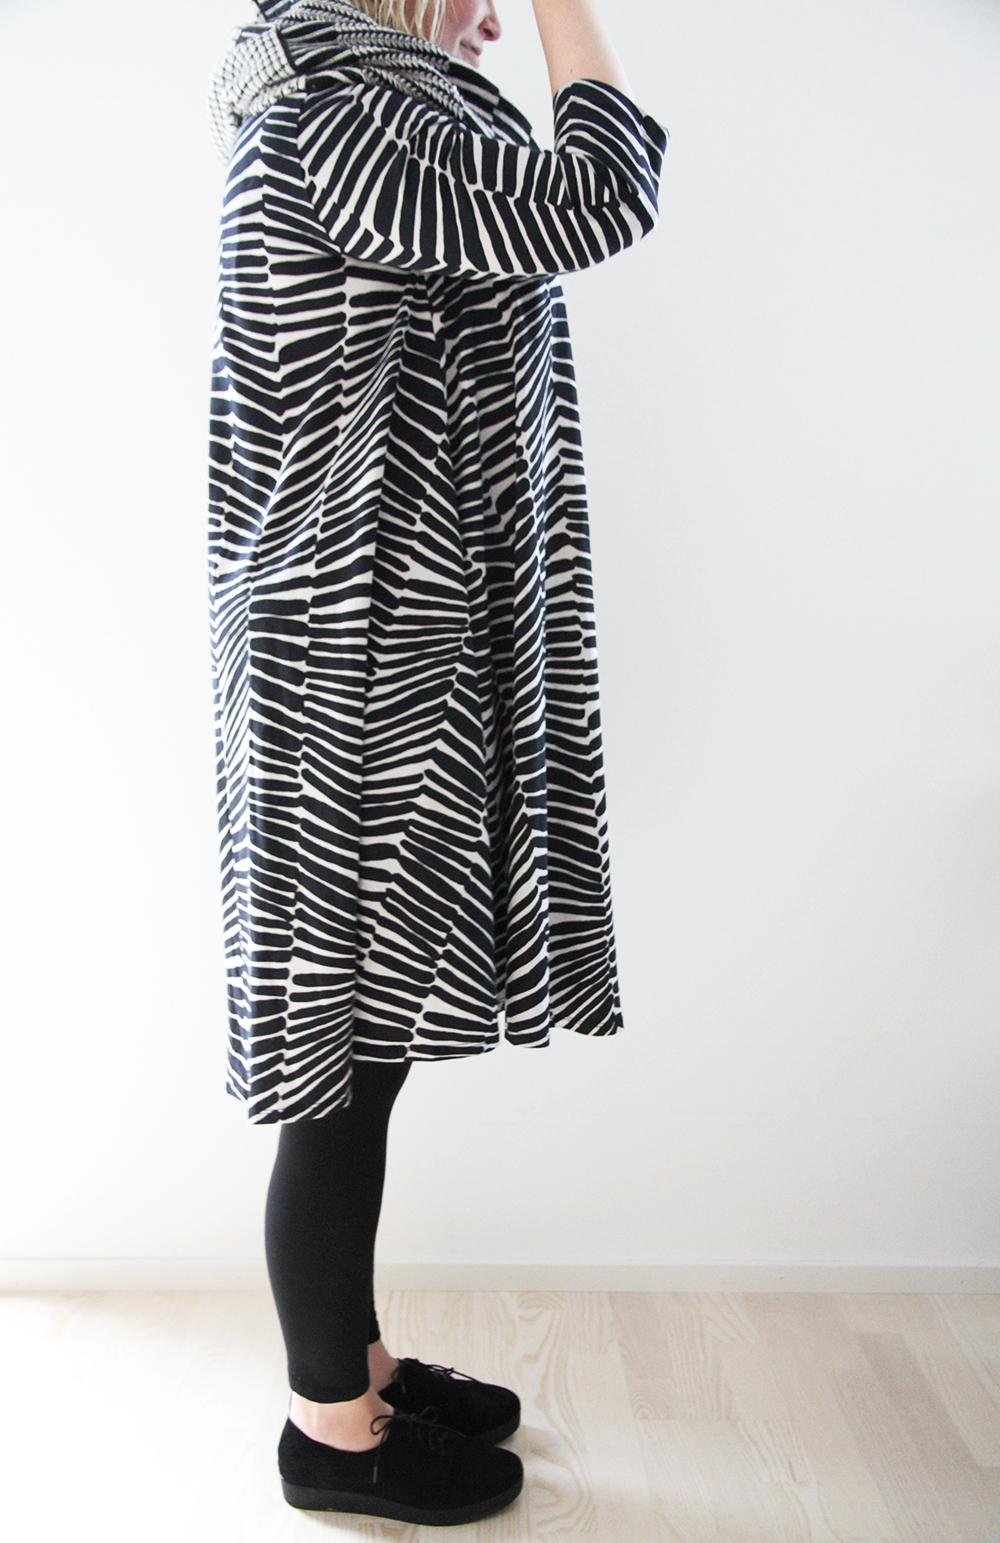 marimekko hame mekko uutuus syksy mallisto 2013